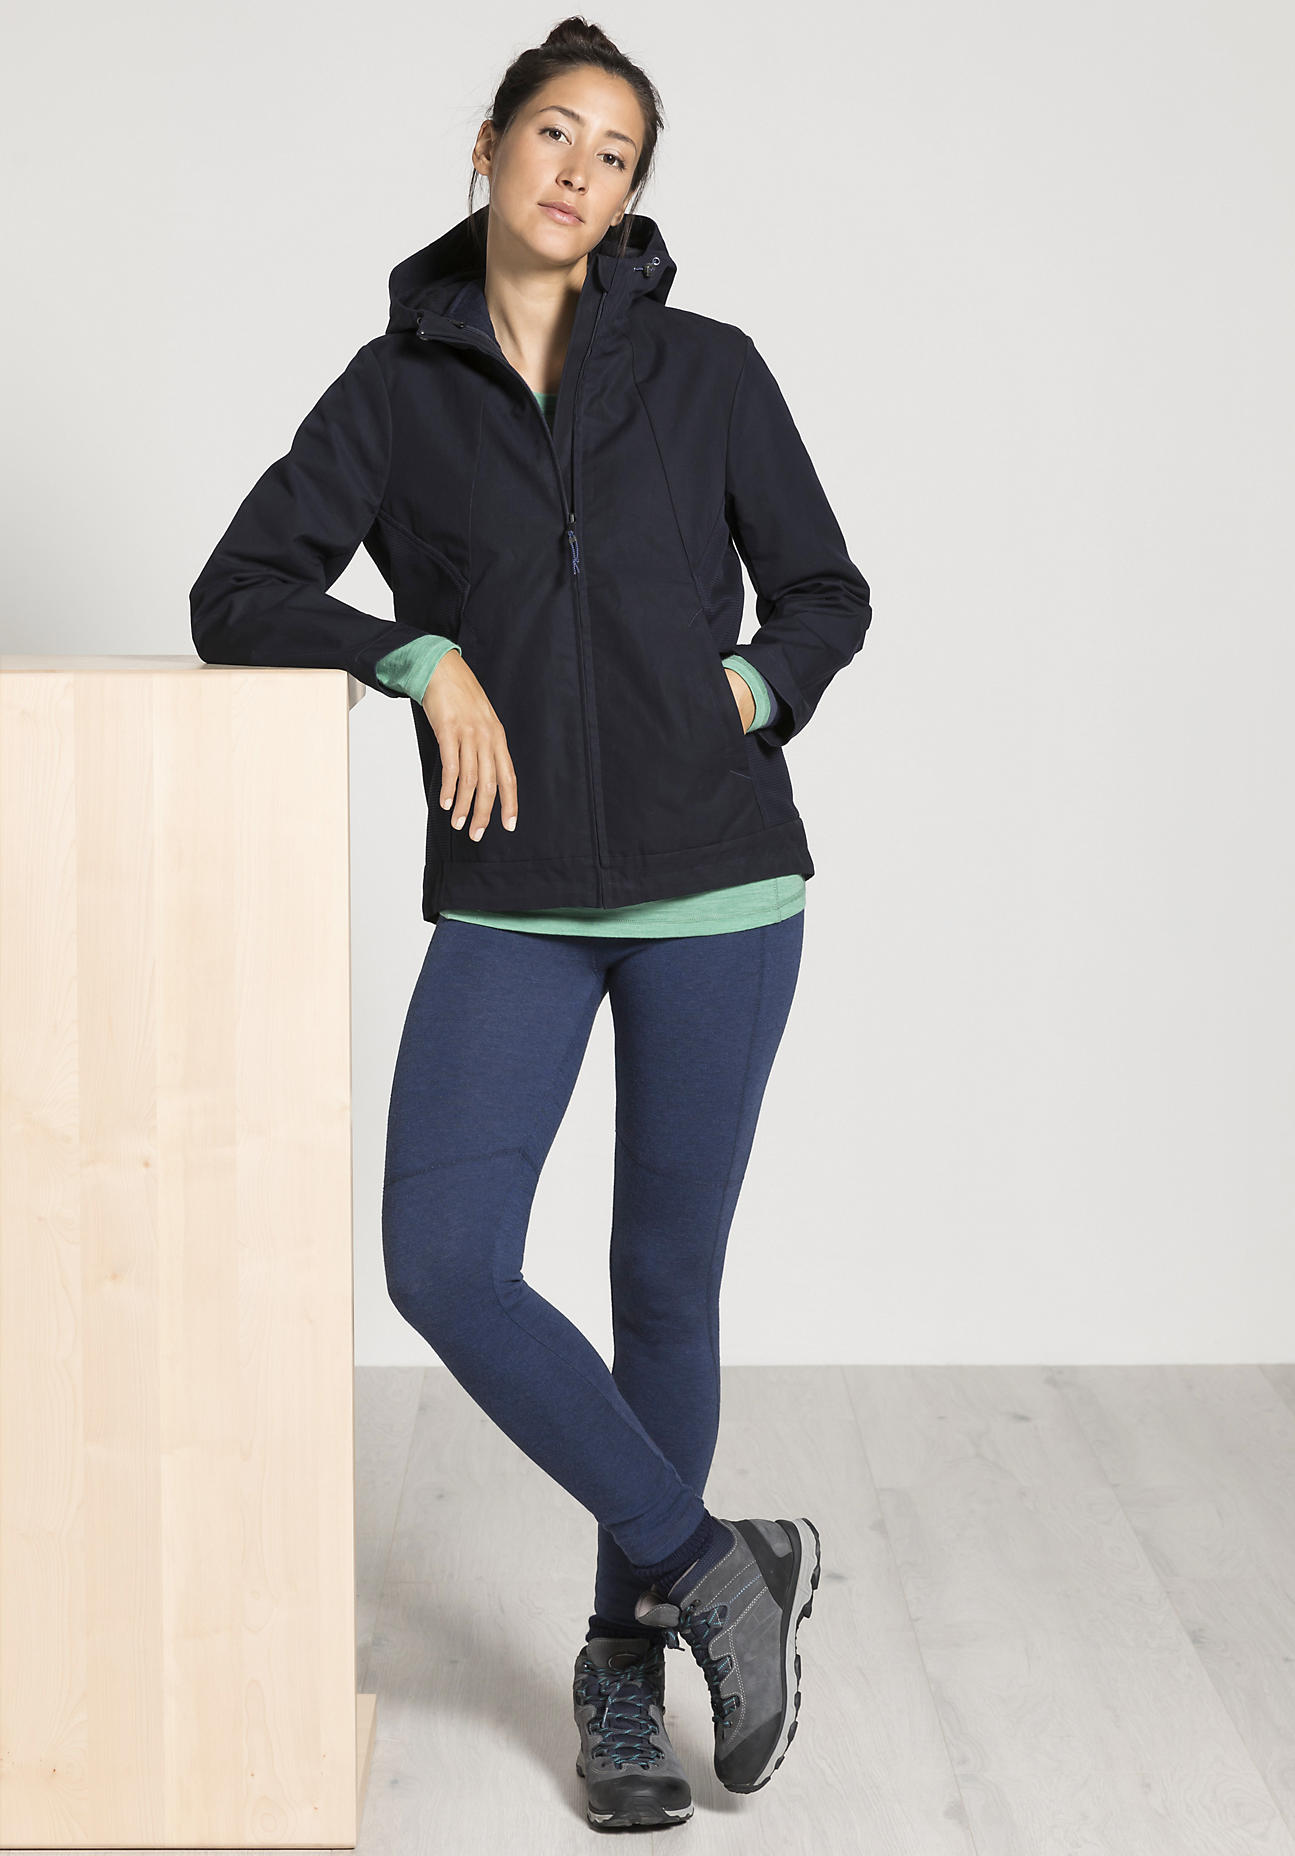 hessnatur Damen-Outdoor 3-in-1-Funktionsjacke Nature Shell für Sie - blau Größe 48